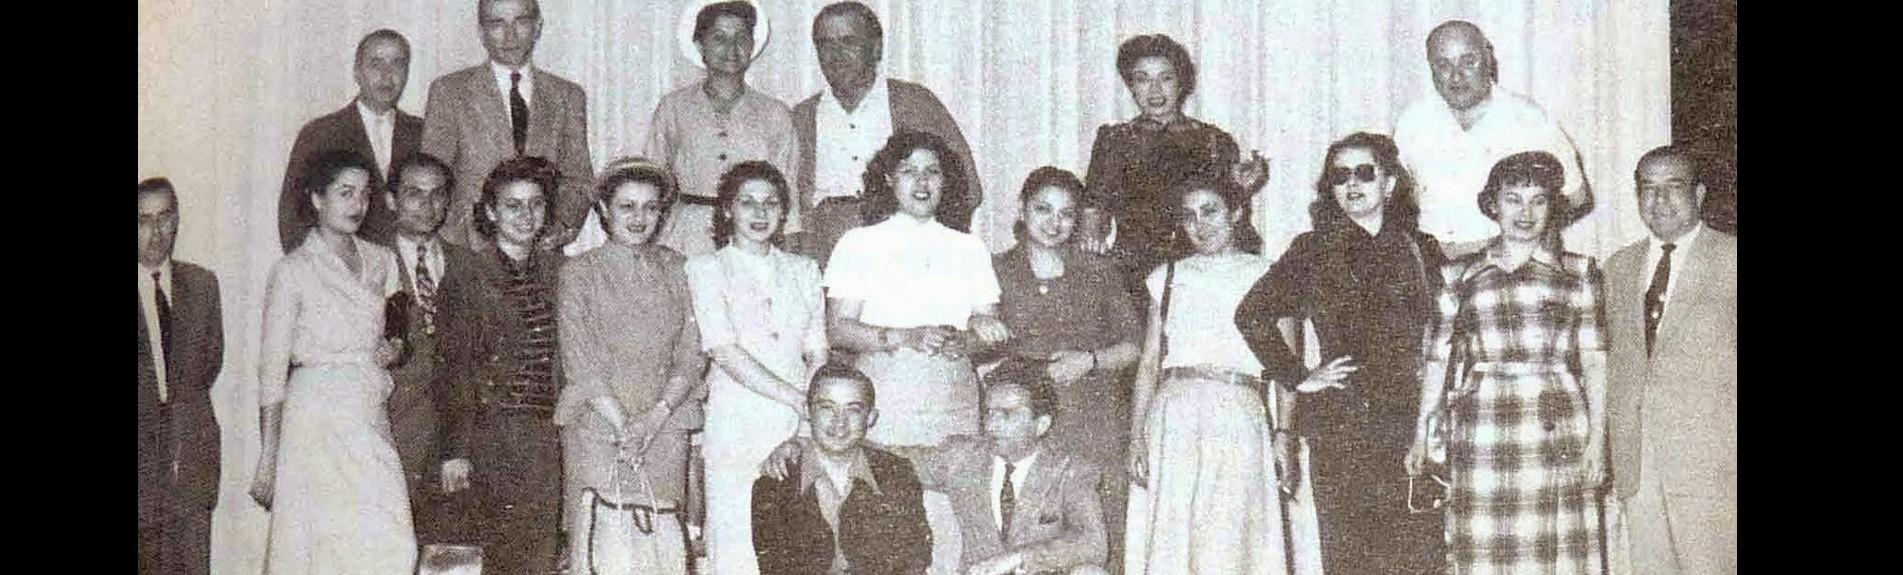 Η ΕΠΙΘΕΩΡΗΣΗ ΣΤΟ ΑΚΡΟΠΟΛ ΤΟΥ '50 (ΚΑΙ ΜΕΤΑ)